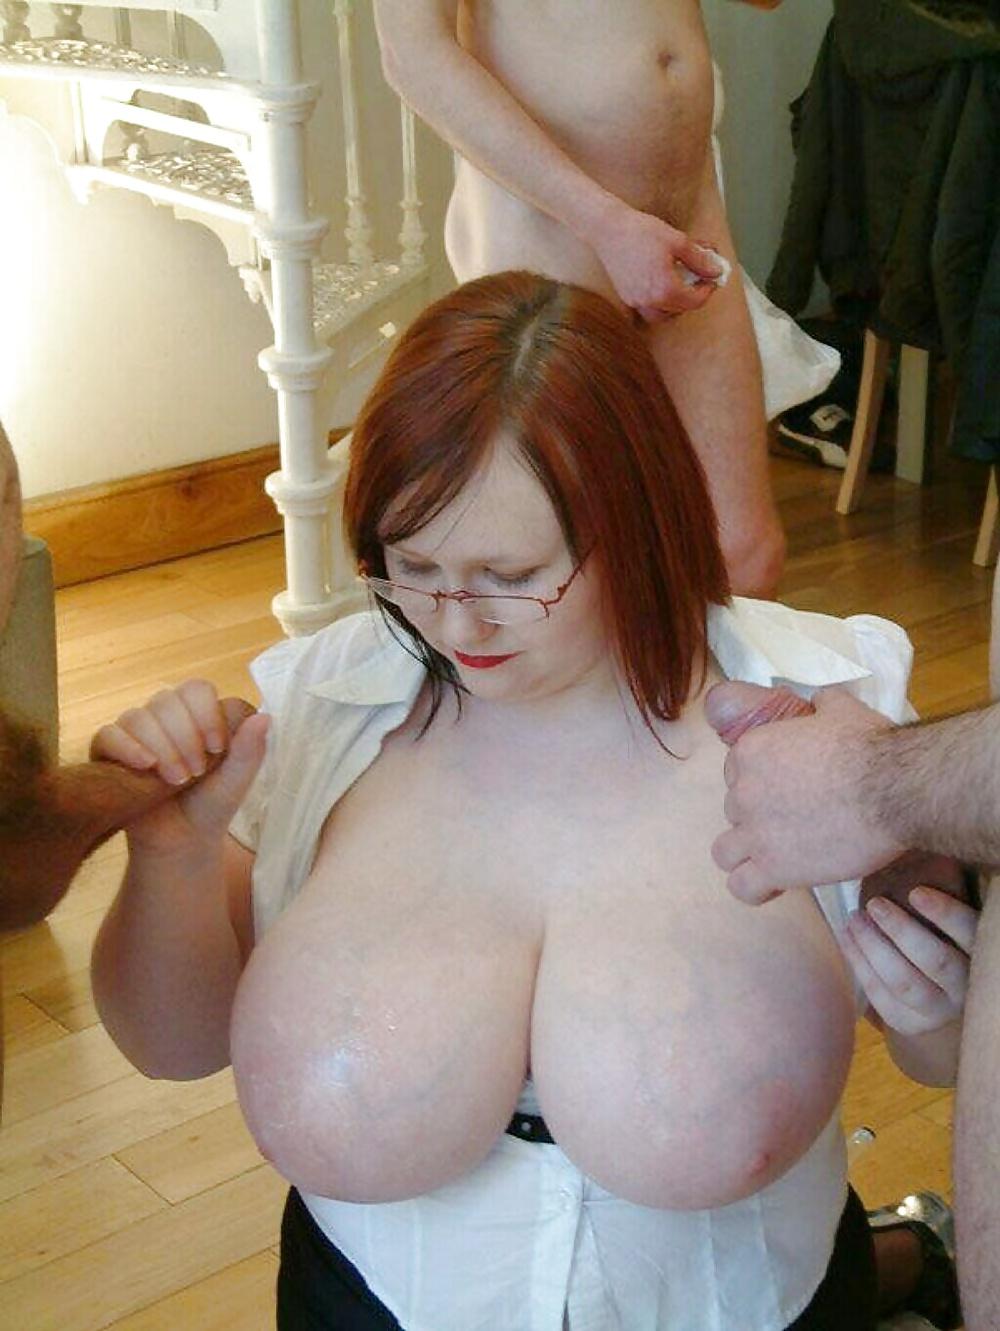 Reife Milf mit große Brüsten kostenlos - Bild 3